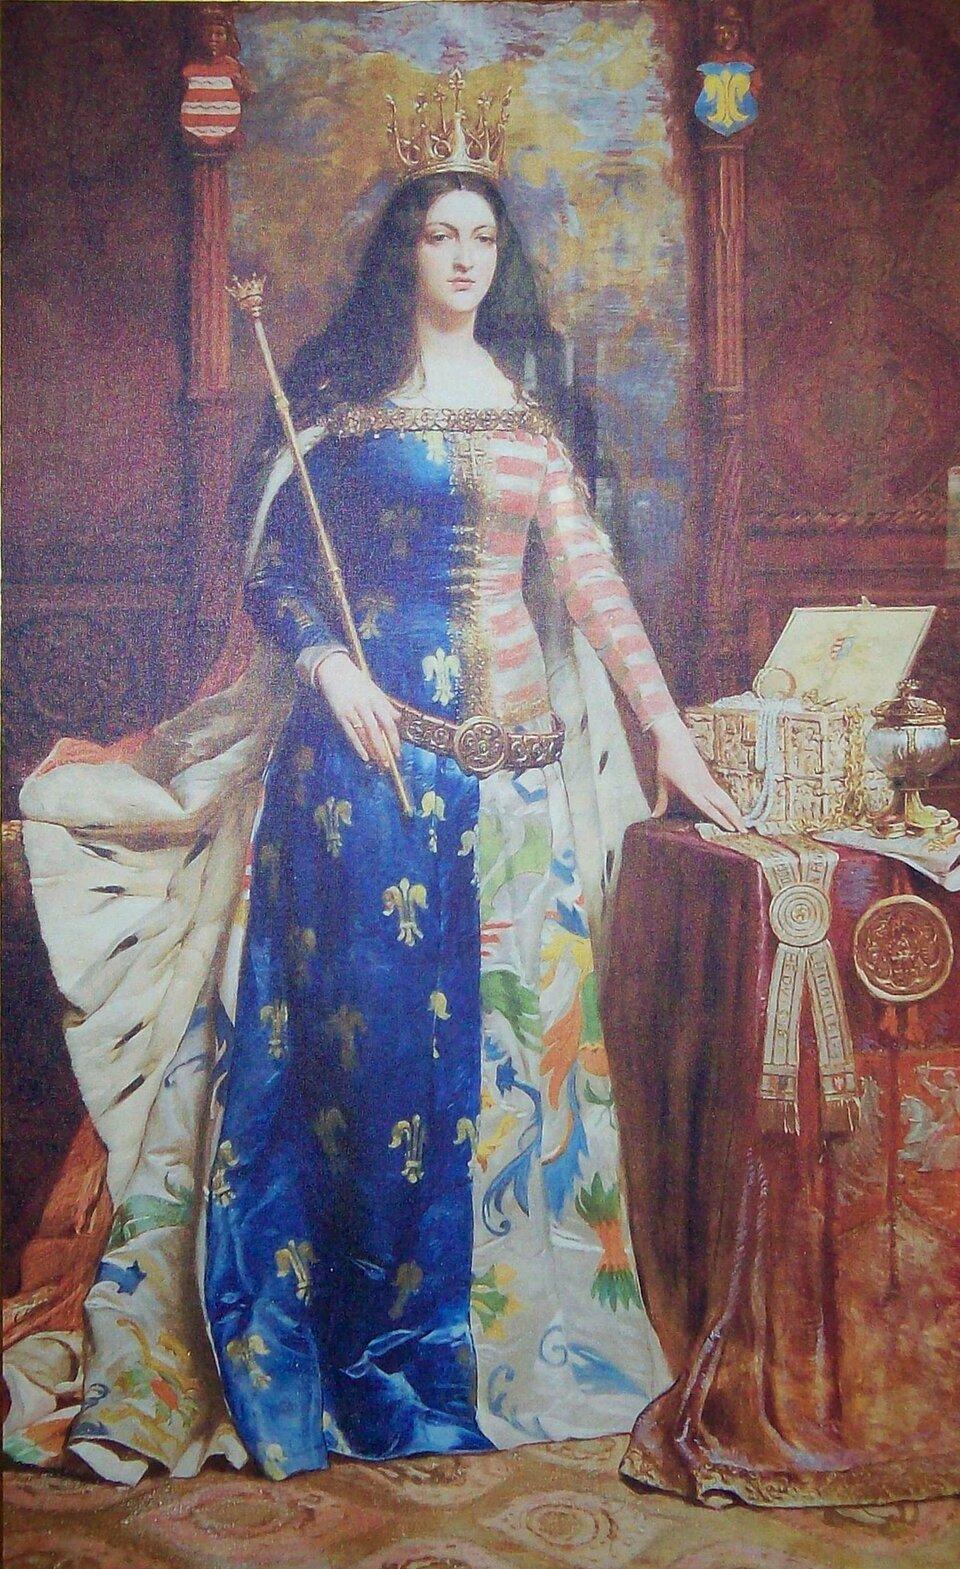 Obraz Antoniego Piotrowskiegoprzedstawia JadwigęAndegaweńską